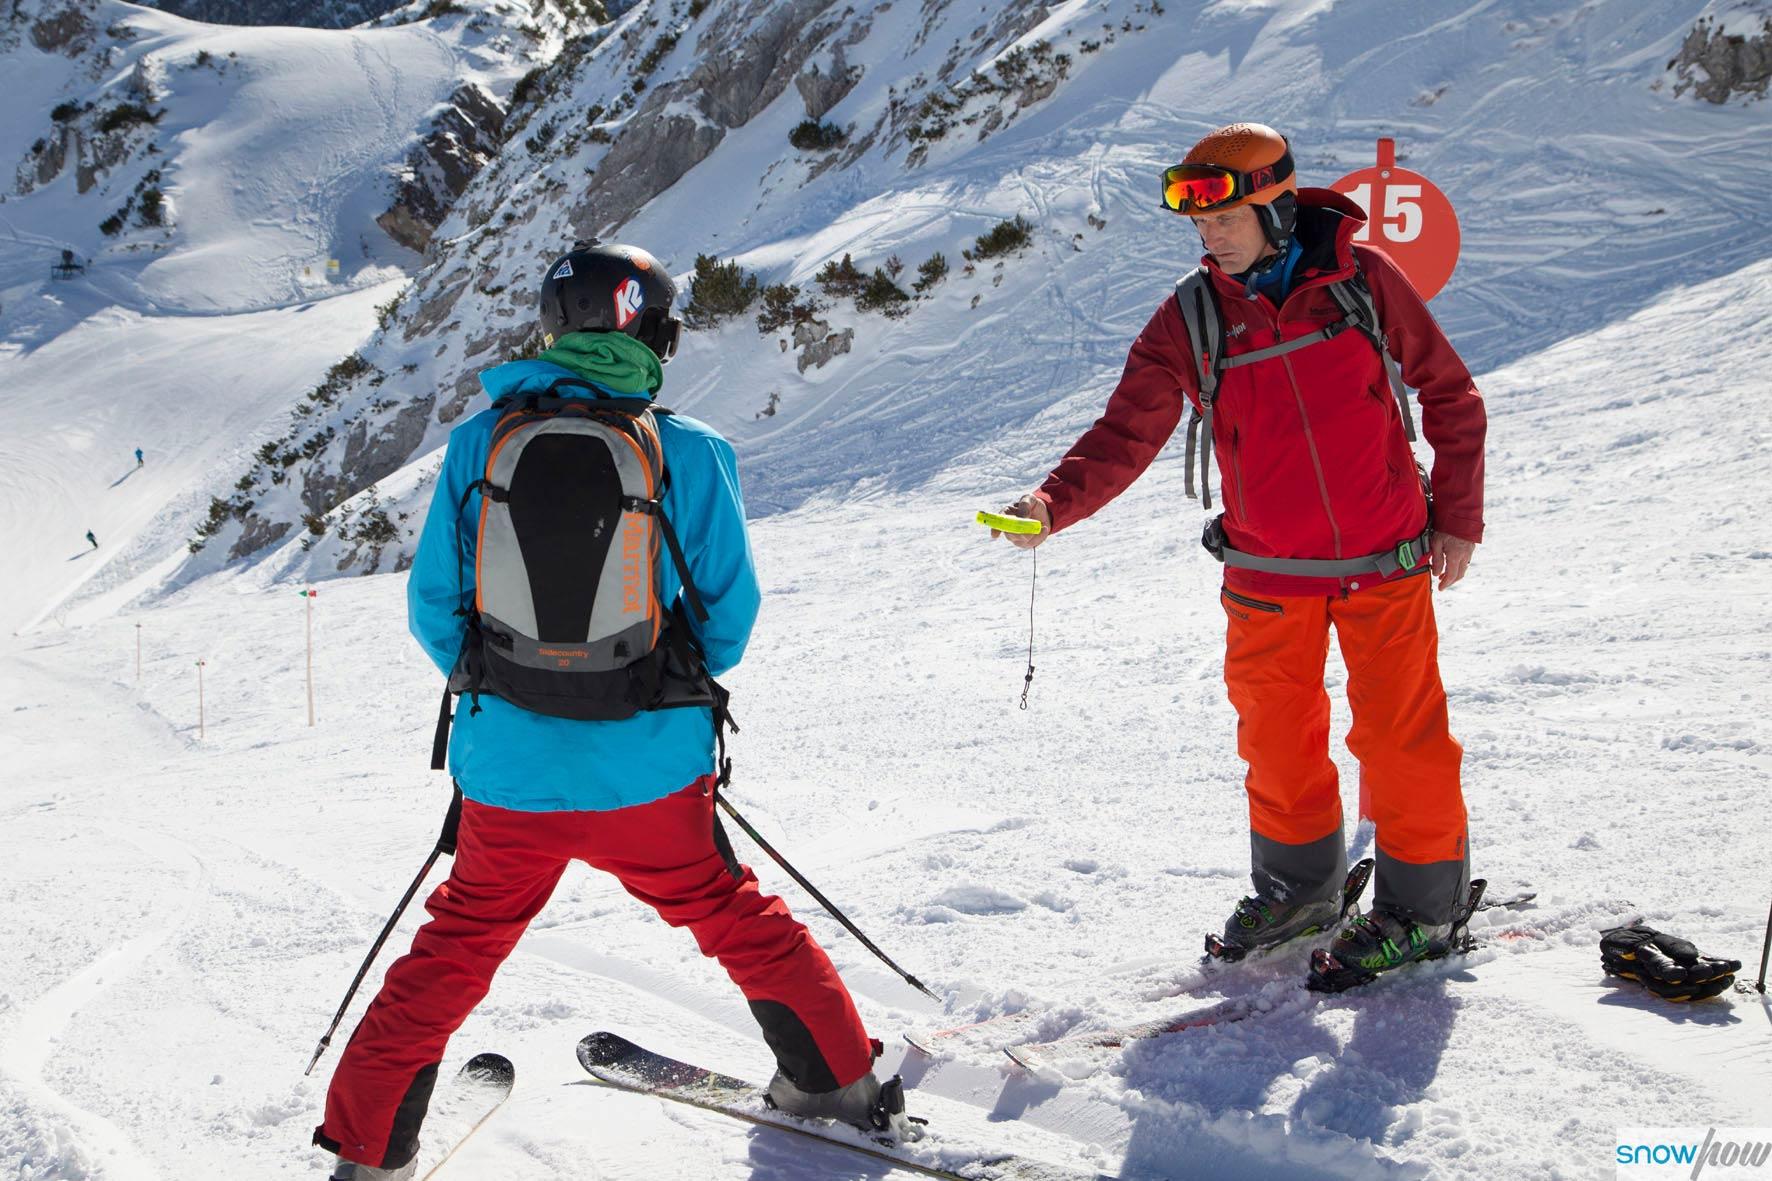 Bei den SnowHow Workshops geht es nicht nur um Lawinen, sondern auch um die damit verbundenen alpinen Gefahren, deren Beurteilung und das Risikomanagement - Foto: Klaus Kranebitter